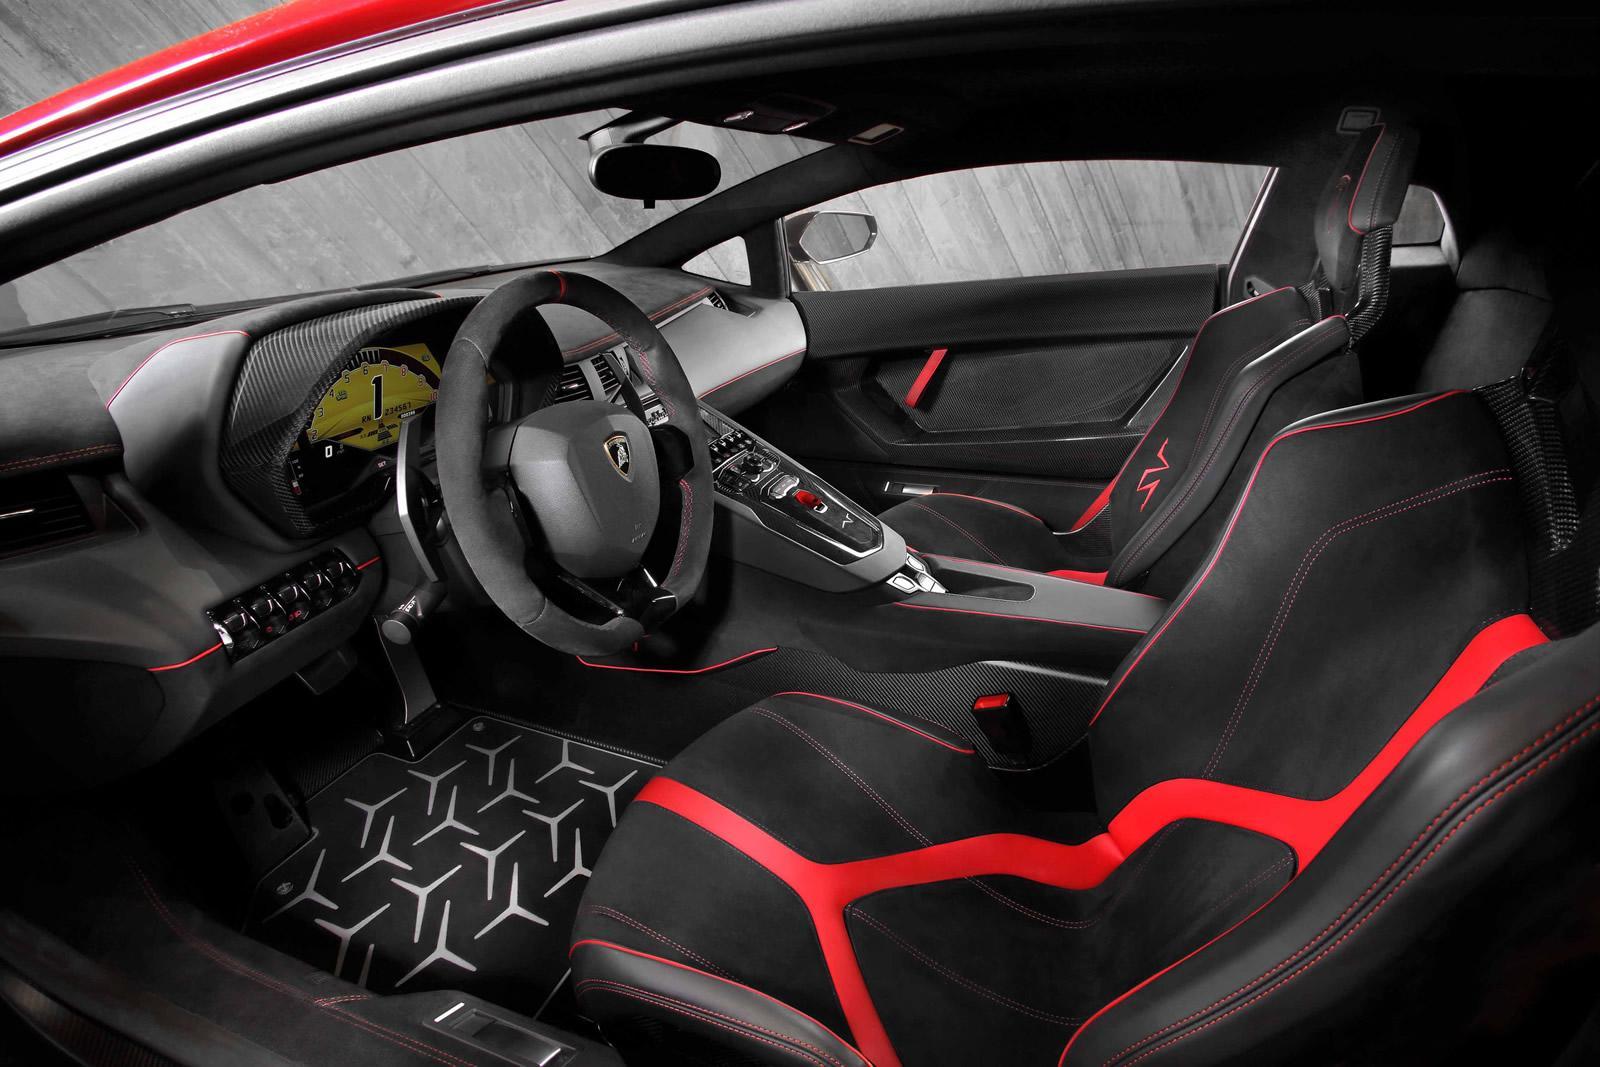 Lamborghini Aventador LP 750-4 Superveloce interior